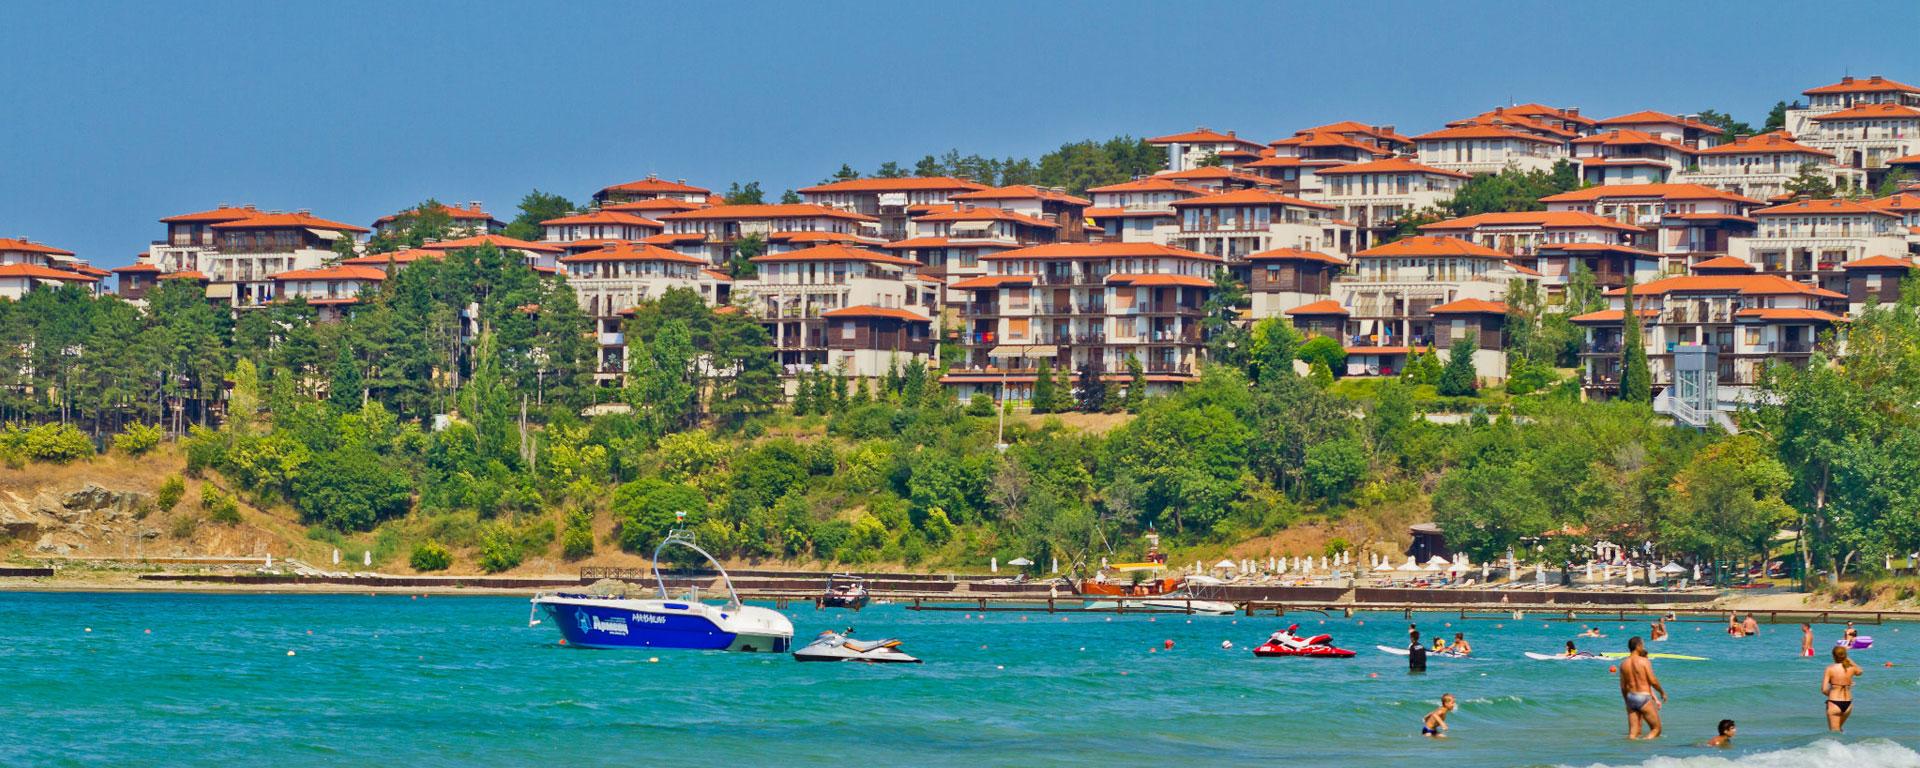 К каким расходам готовиться при покупке болгарской недвижимости?